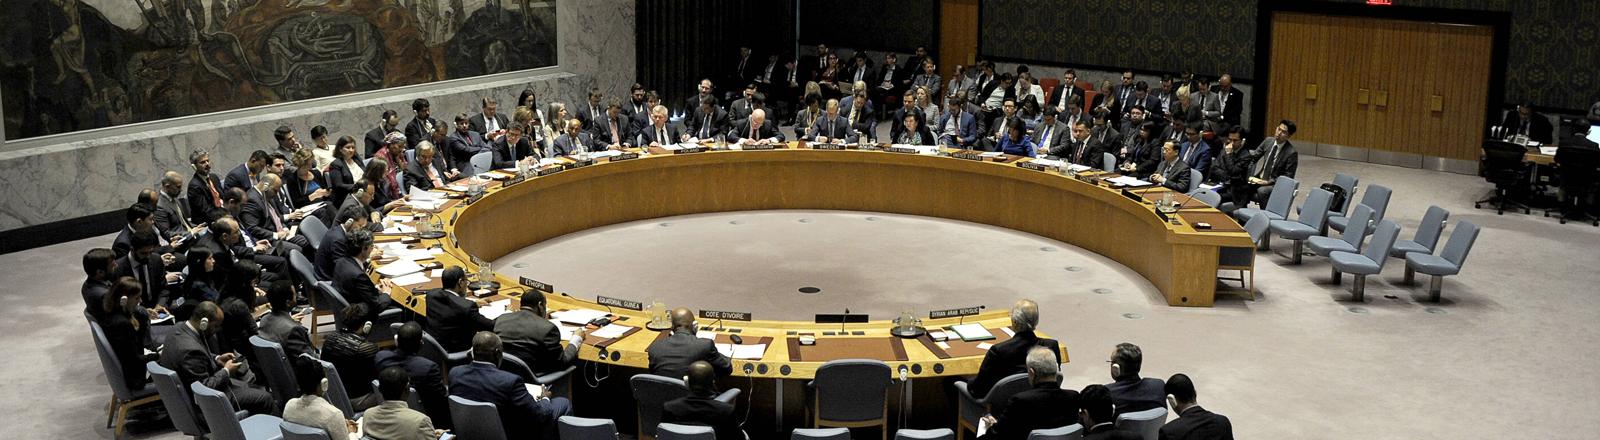 Krisensitzung des Sicherheitsrats der Vereinten Nationen zur Lage in Syrien, nachdem die Vereinigten Staaten und ihre europäischen Verbündeten Großbritannien und Frankreich Luftangriffe in Syrien als Vergeltung für Präsident Assads Chemiewaffenangriffe geflogen haben. New York, 14.04.2018